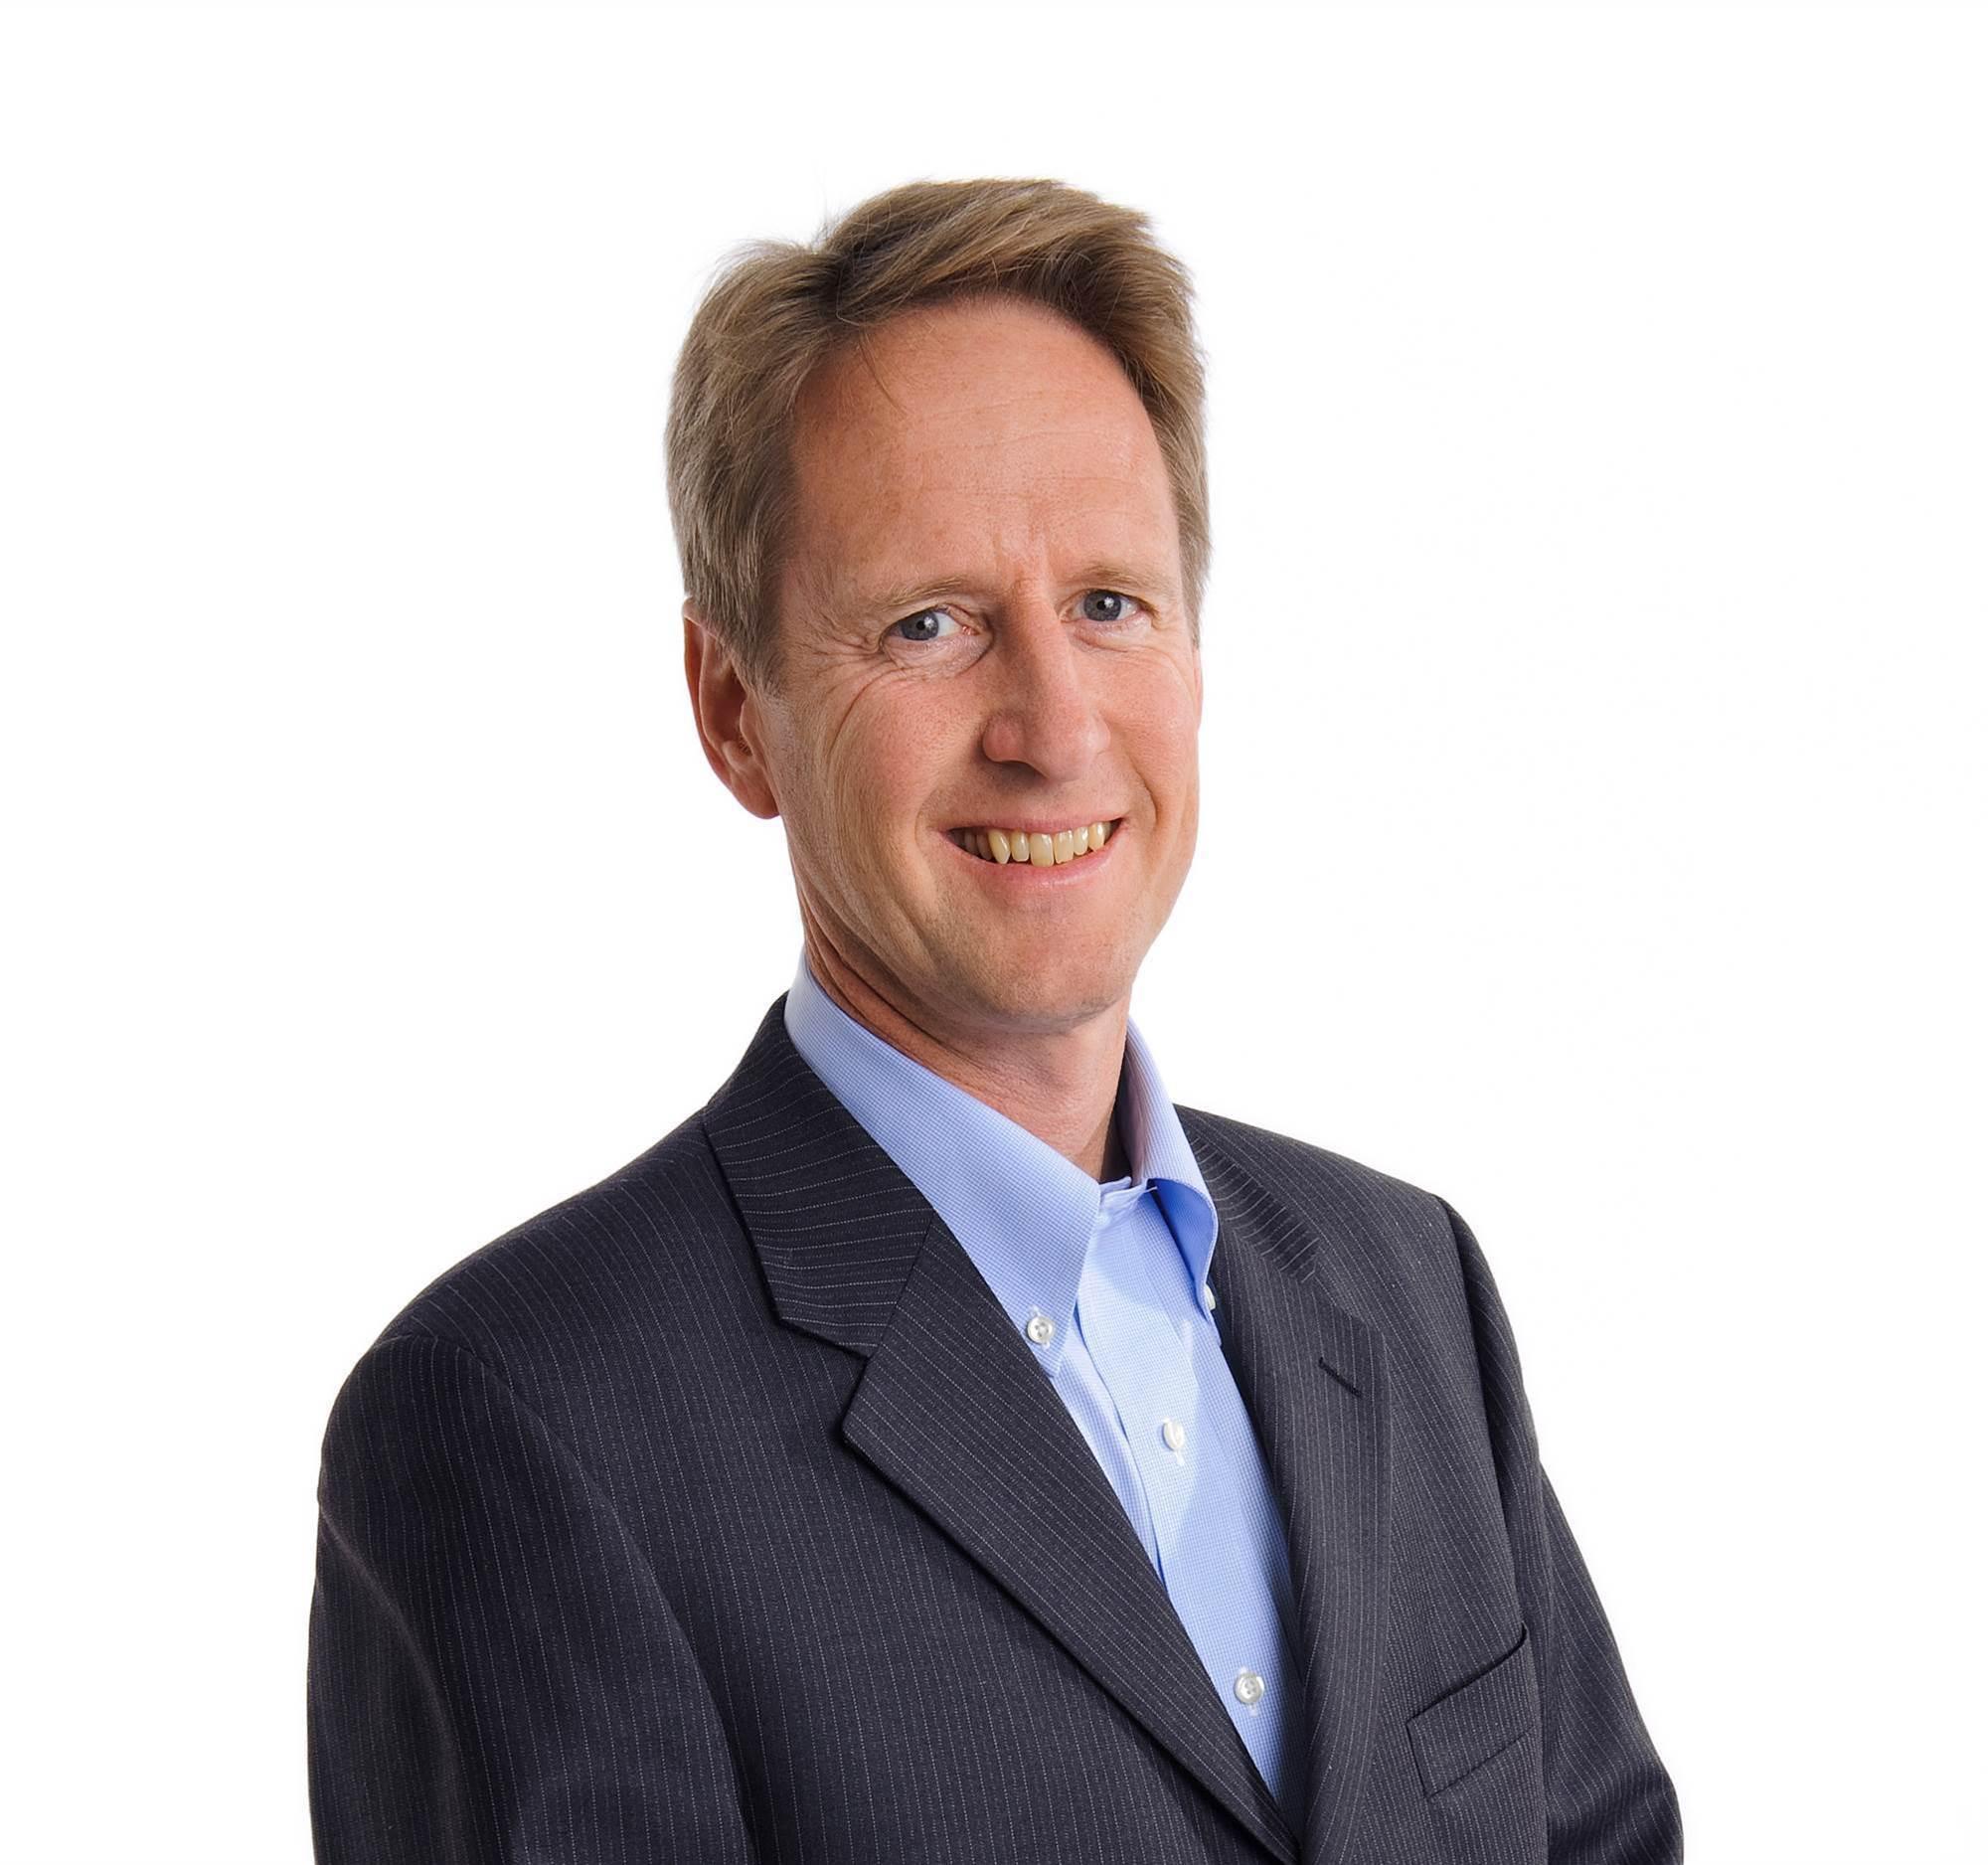 Telstra poaches Eriksson from Ericsson as CTO